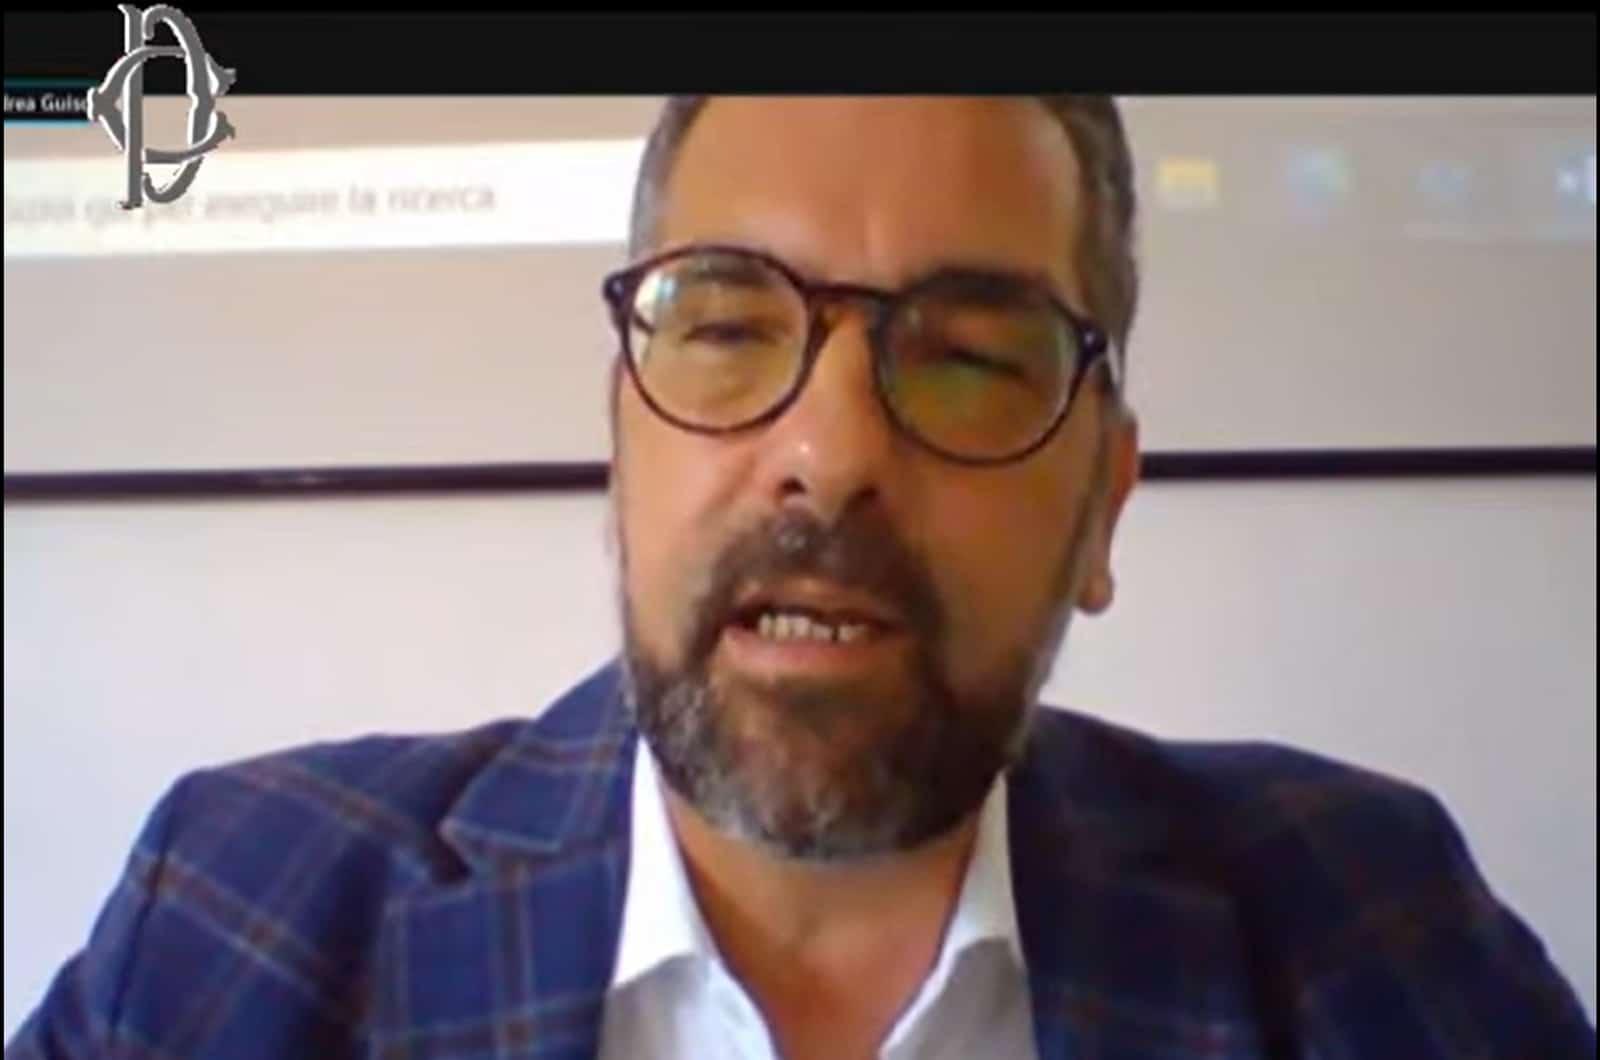 intervento andrea guiso università la sapienza roma - internaizonalizzazione